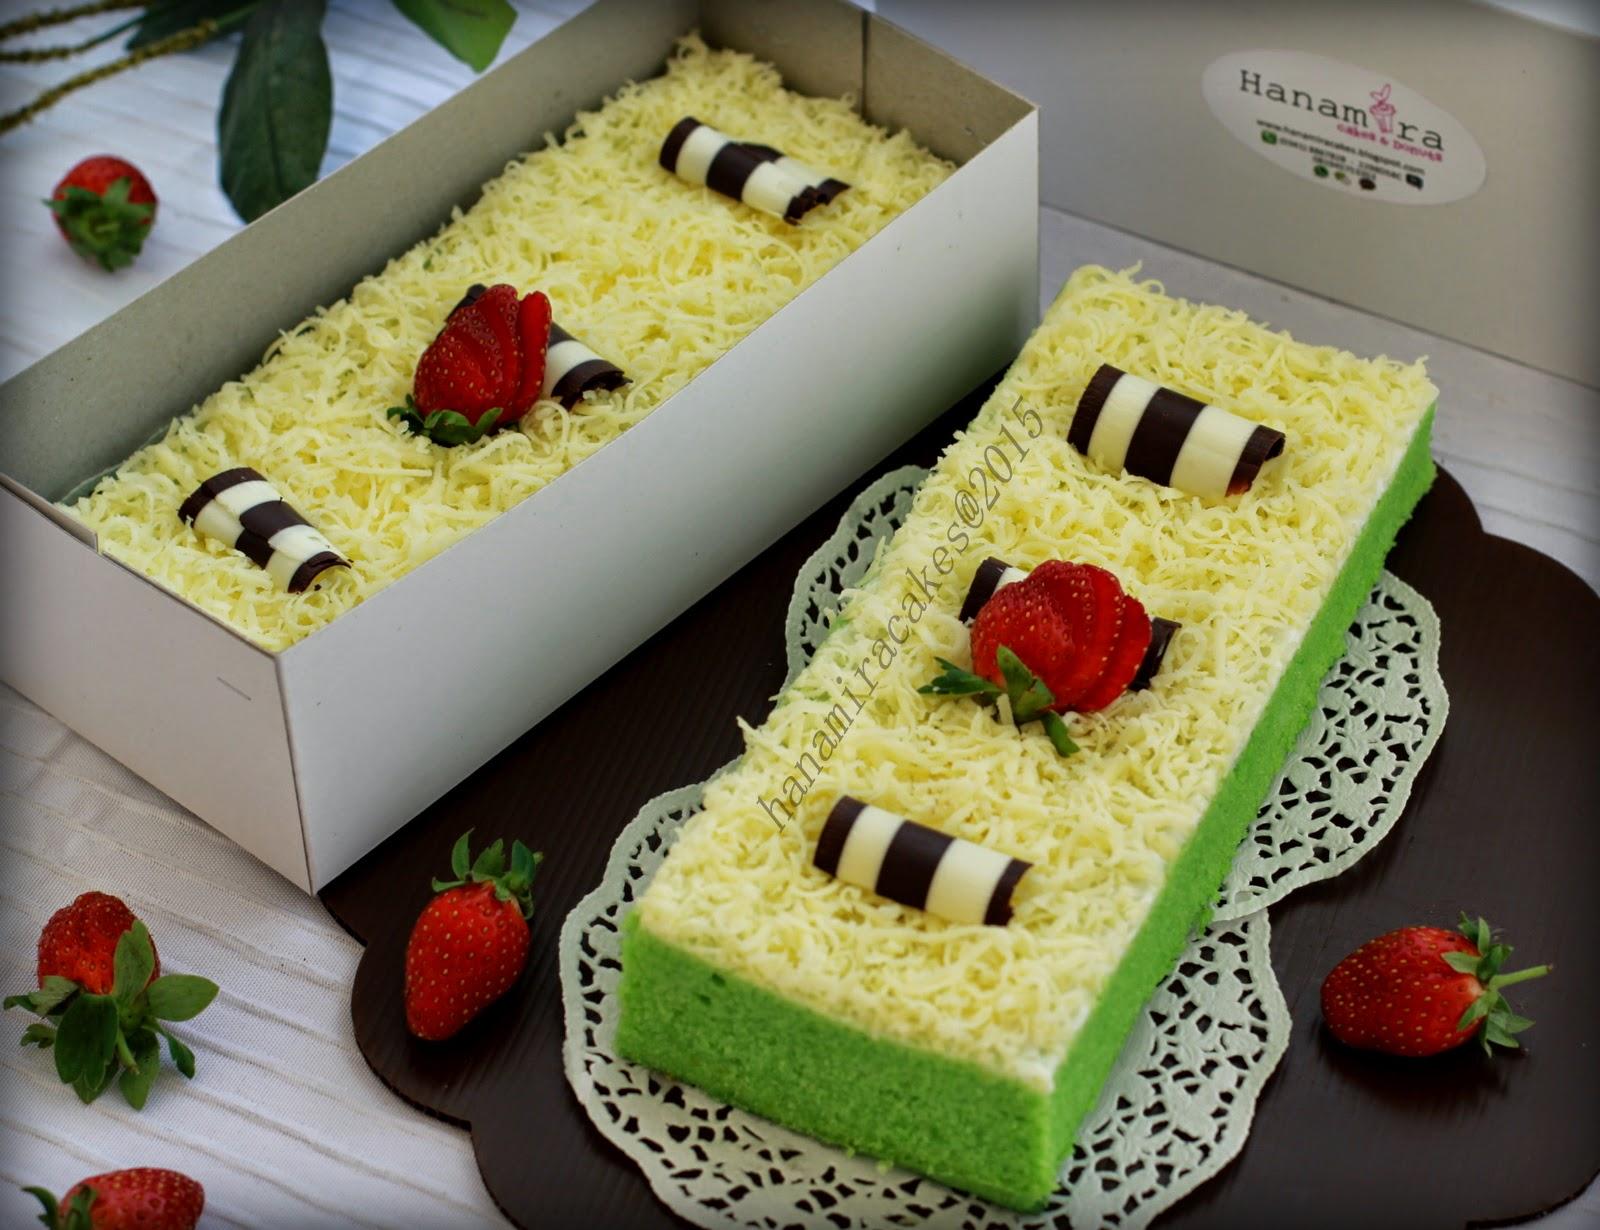 Resep Cake Kukus Keju Ncc: Hanamira Kitchen: PANDAN CHEESE BROWNIES (2